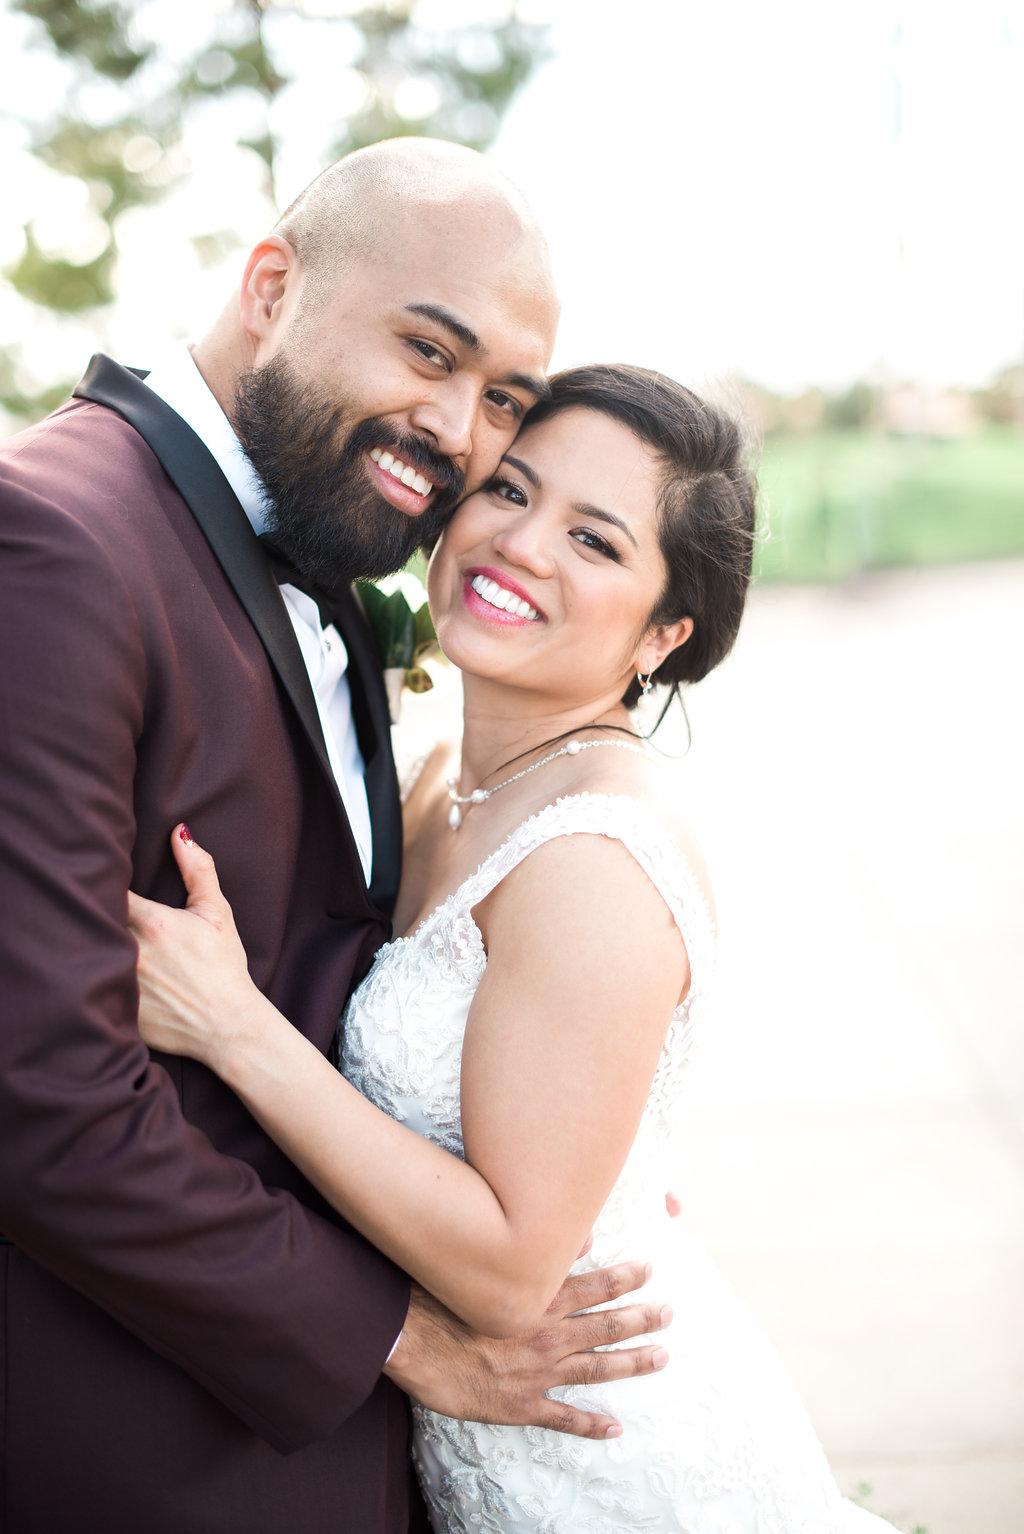 02_bride&groom-163.jpg